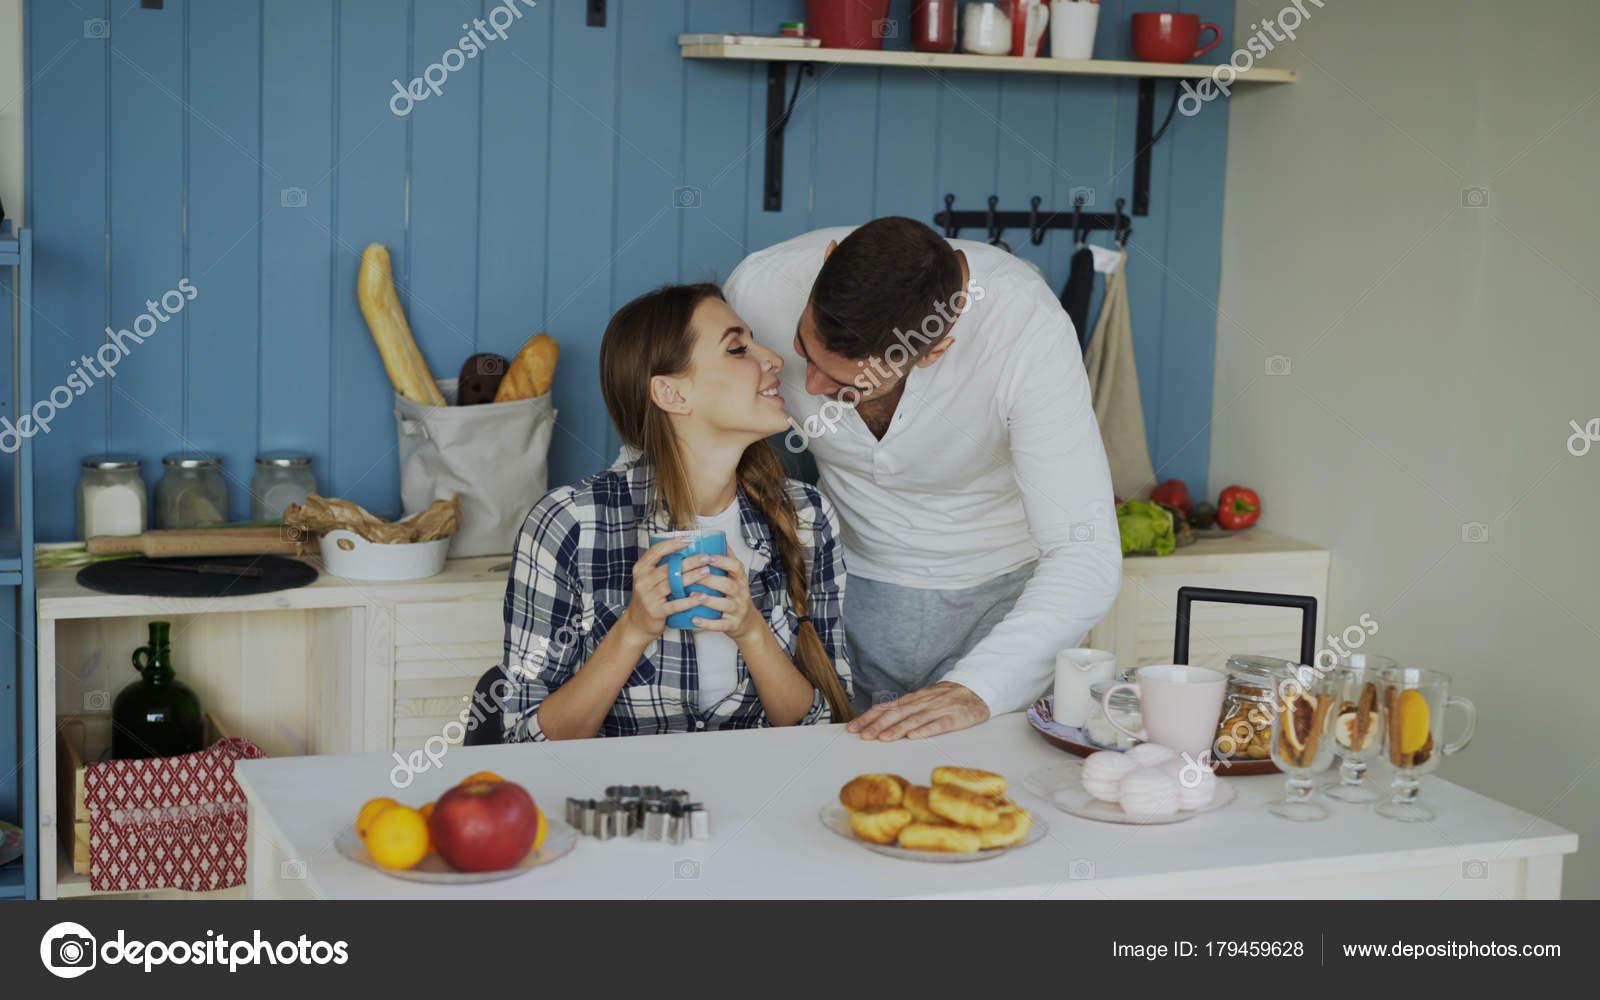 inceste la mere sert de petit dej' pour son fils